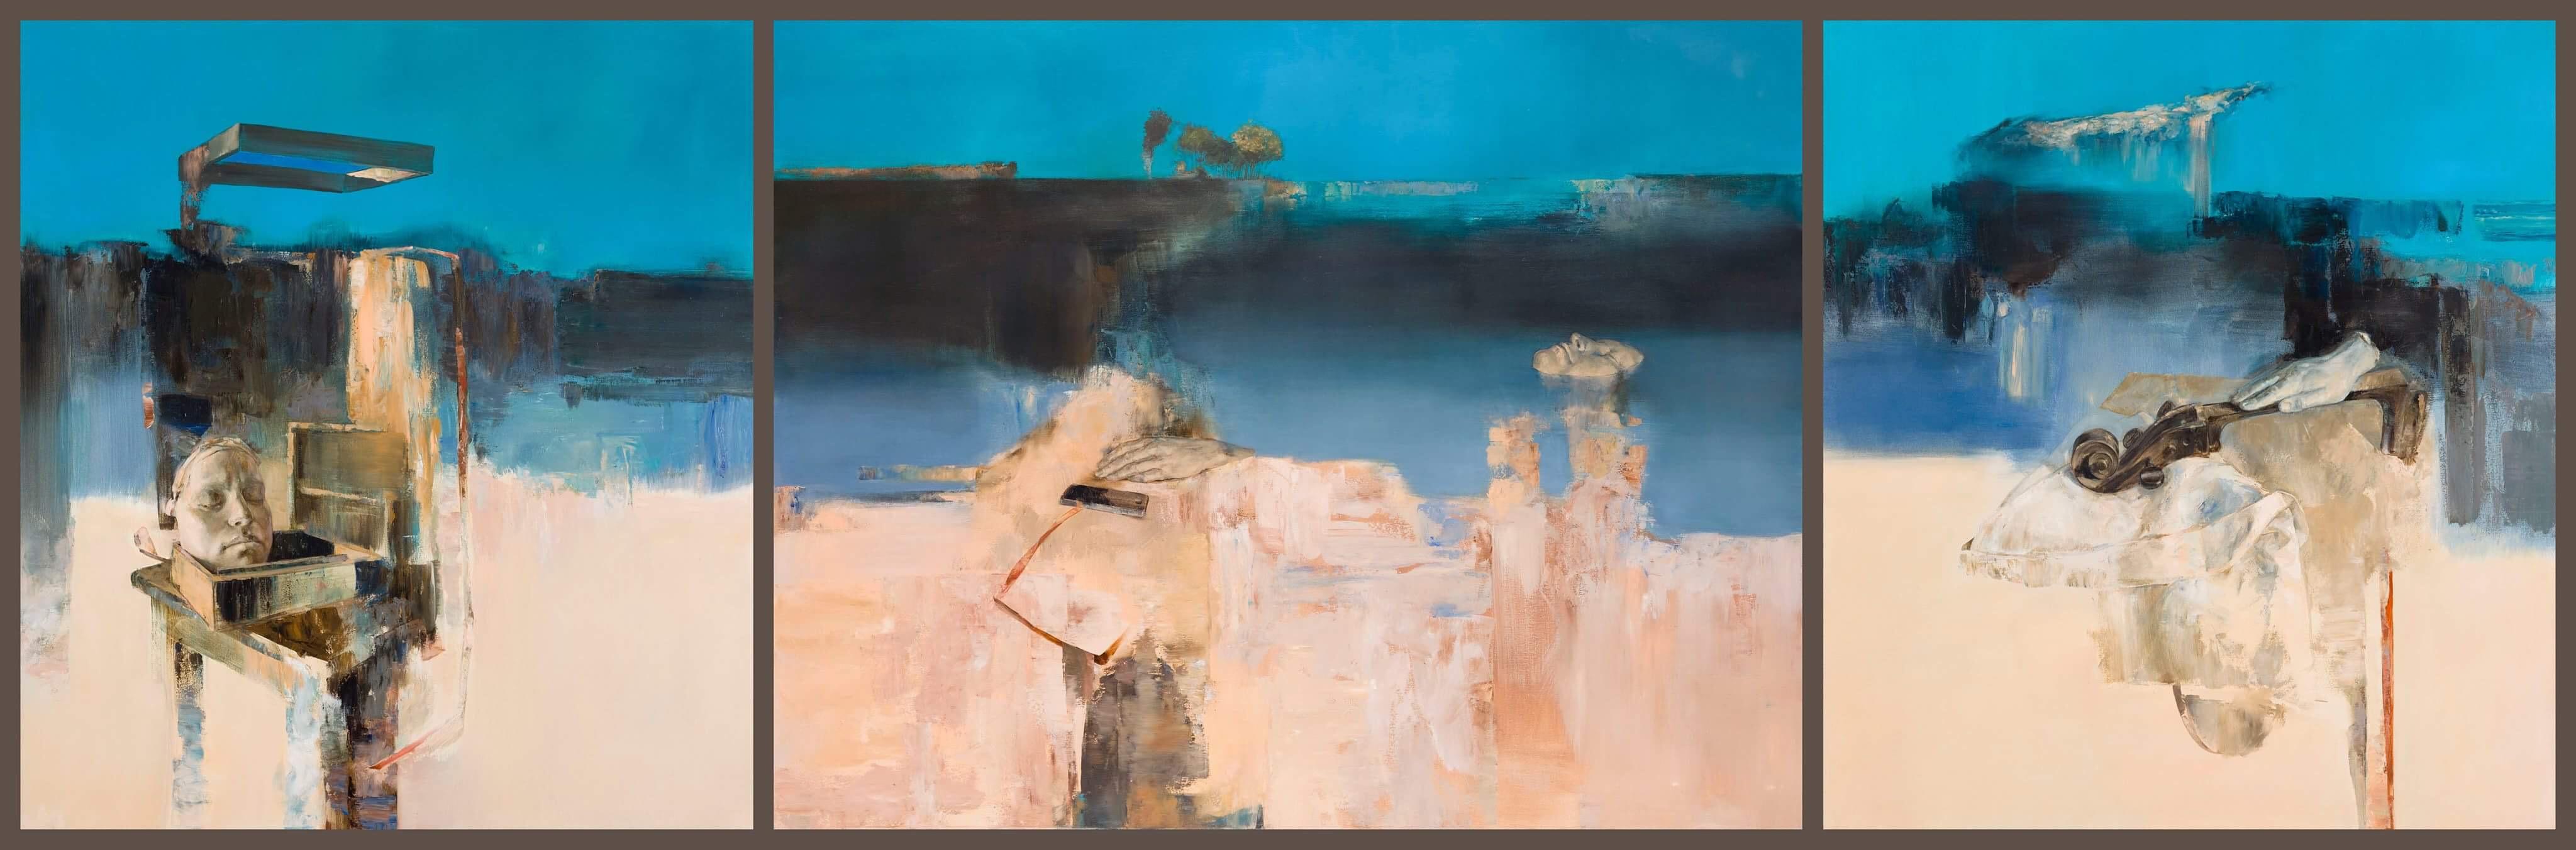 Incze, Mózes: Stille (Triptychon)